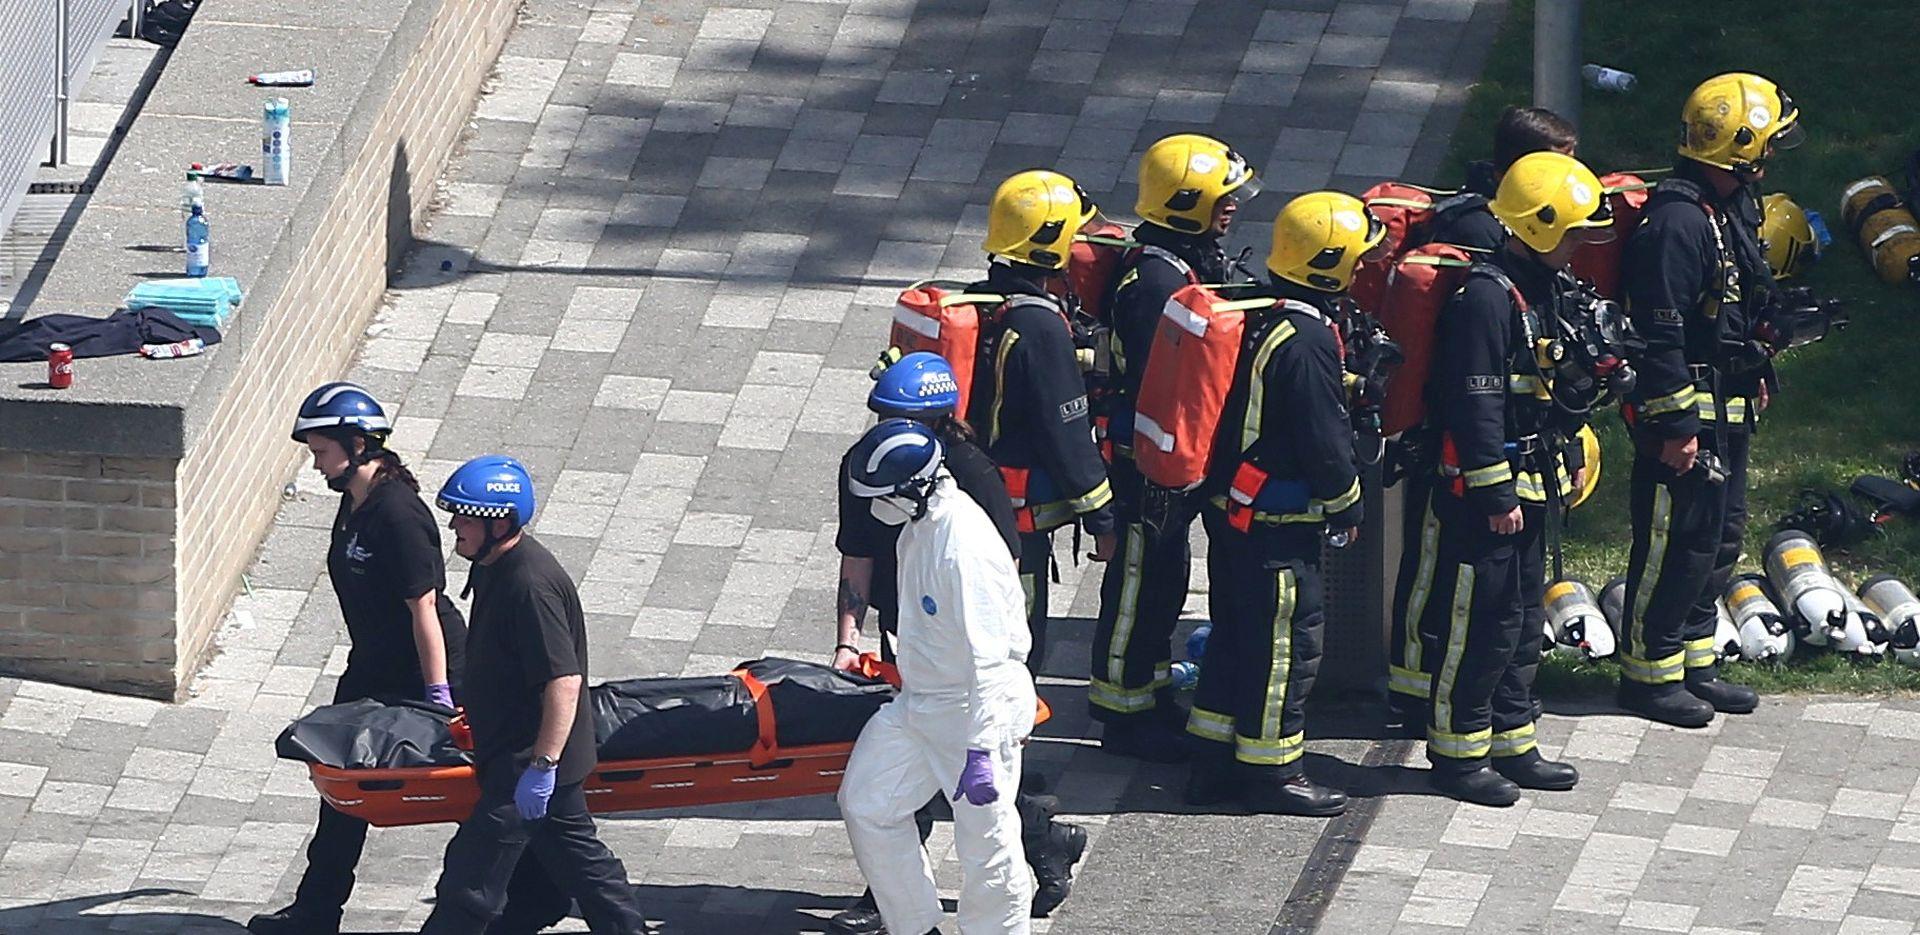 Broj žrtava požara u Londonu porastao na 12